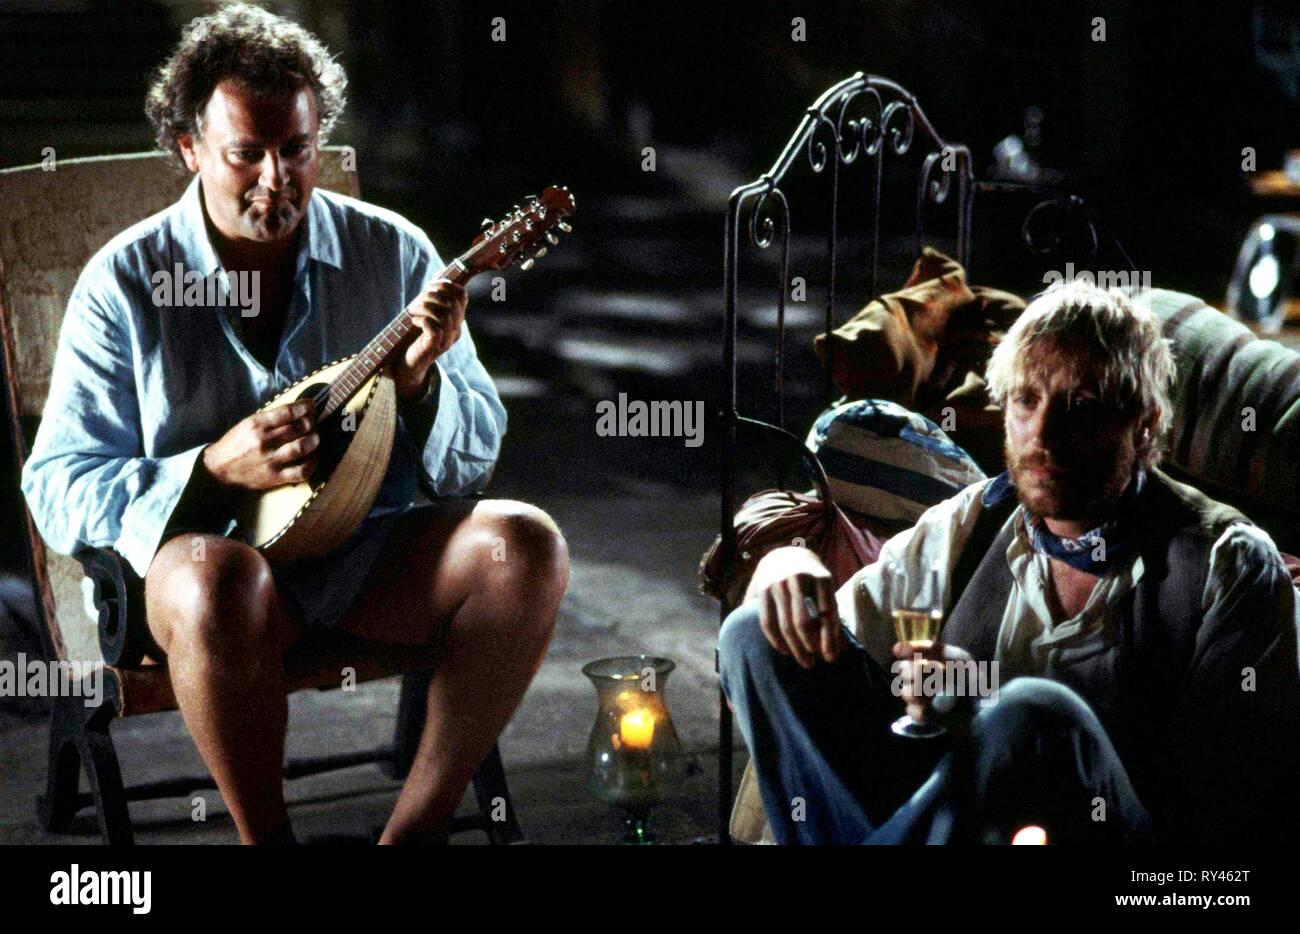 BONNEVILLE,IFANS, FOUR LAST SONGS, 2007 - Stock Image